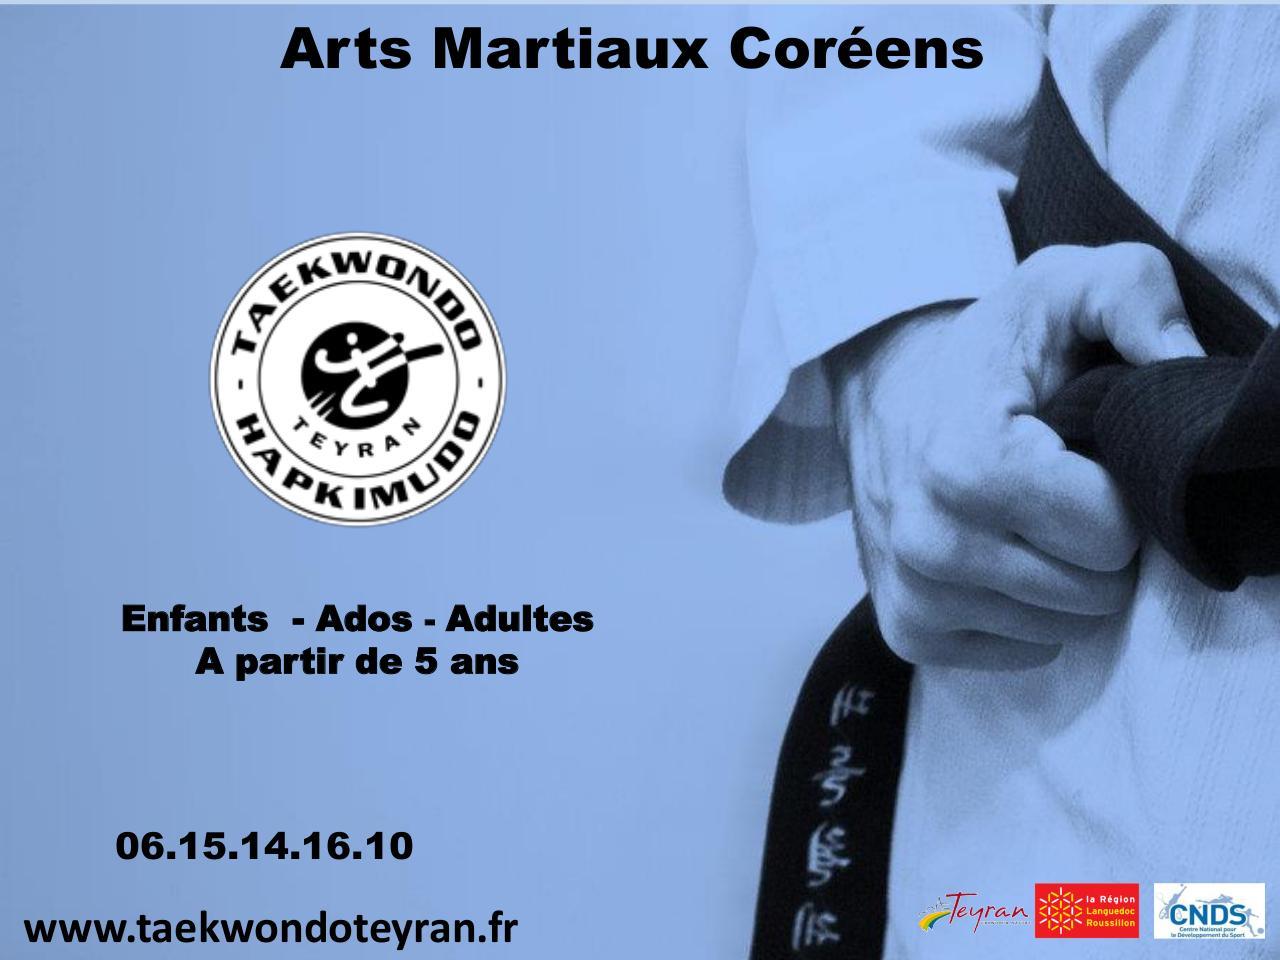 Pr sentation powerpoint par l a marchadier flyer 3 for Arts martiaux pdf